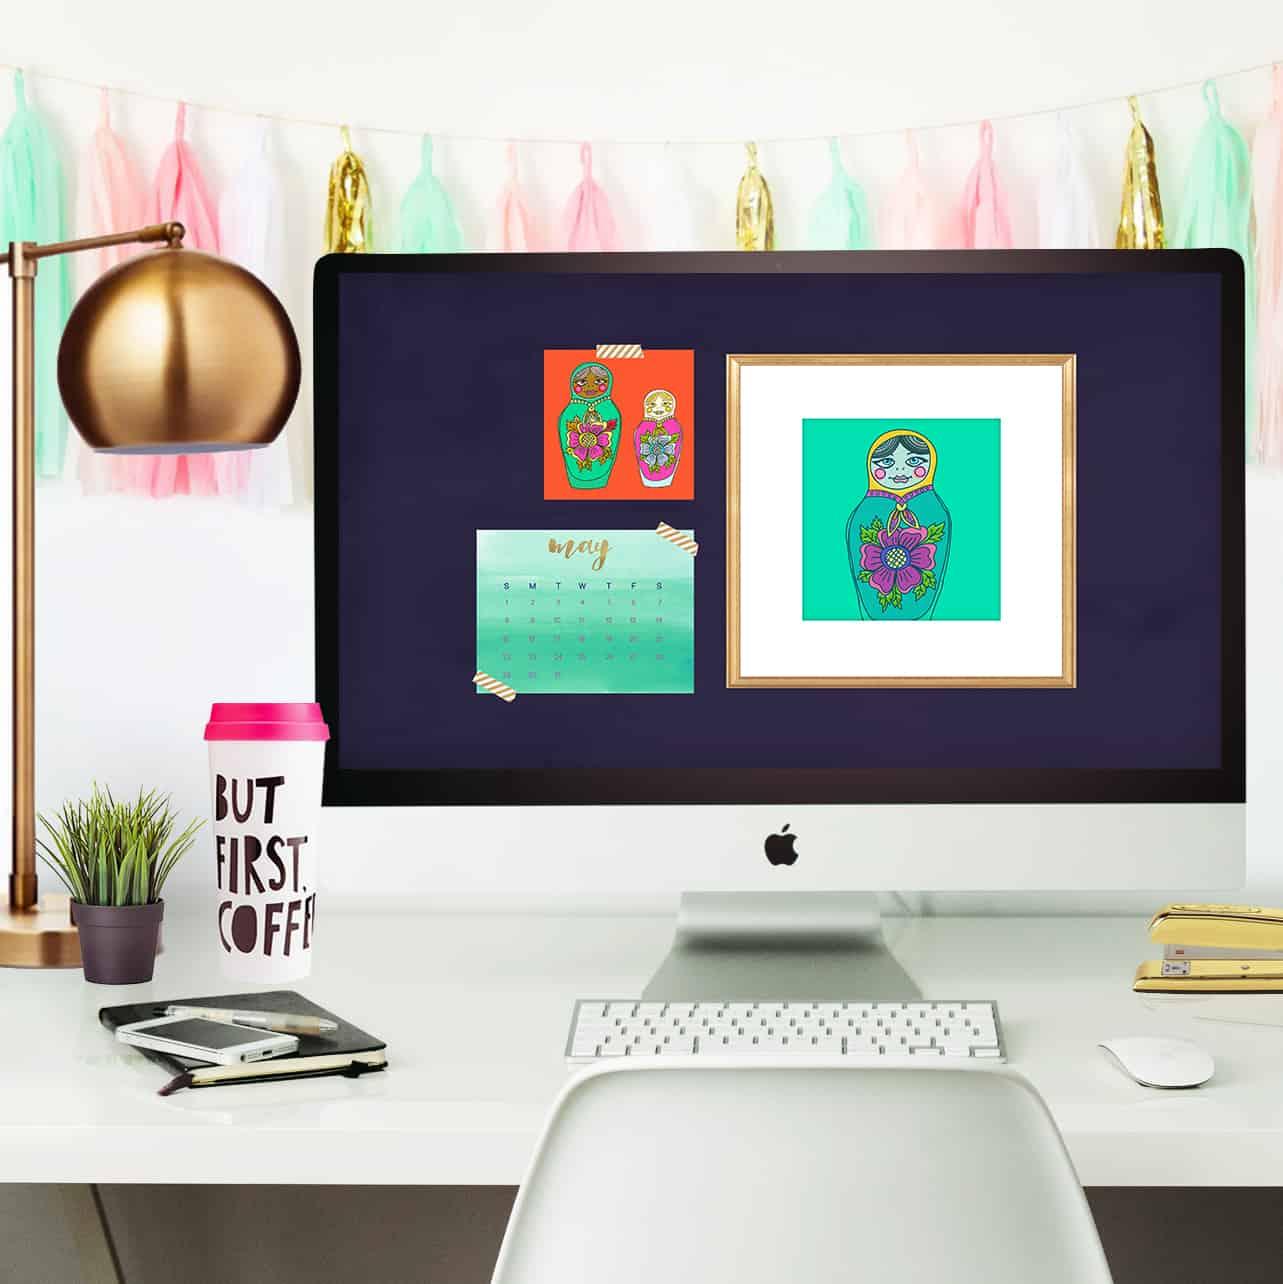 fun, free, and cute may desktop calendar wallpapers